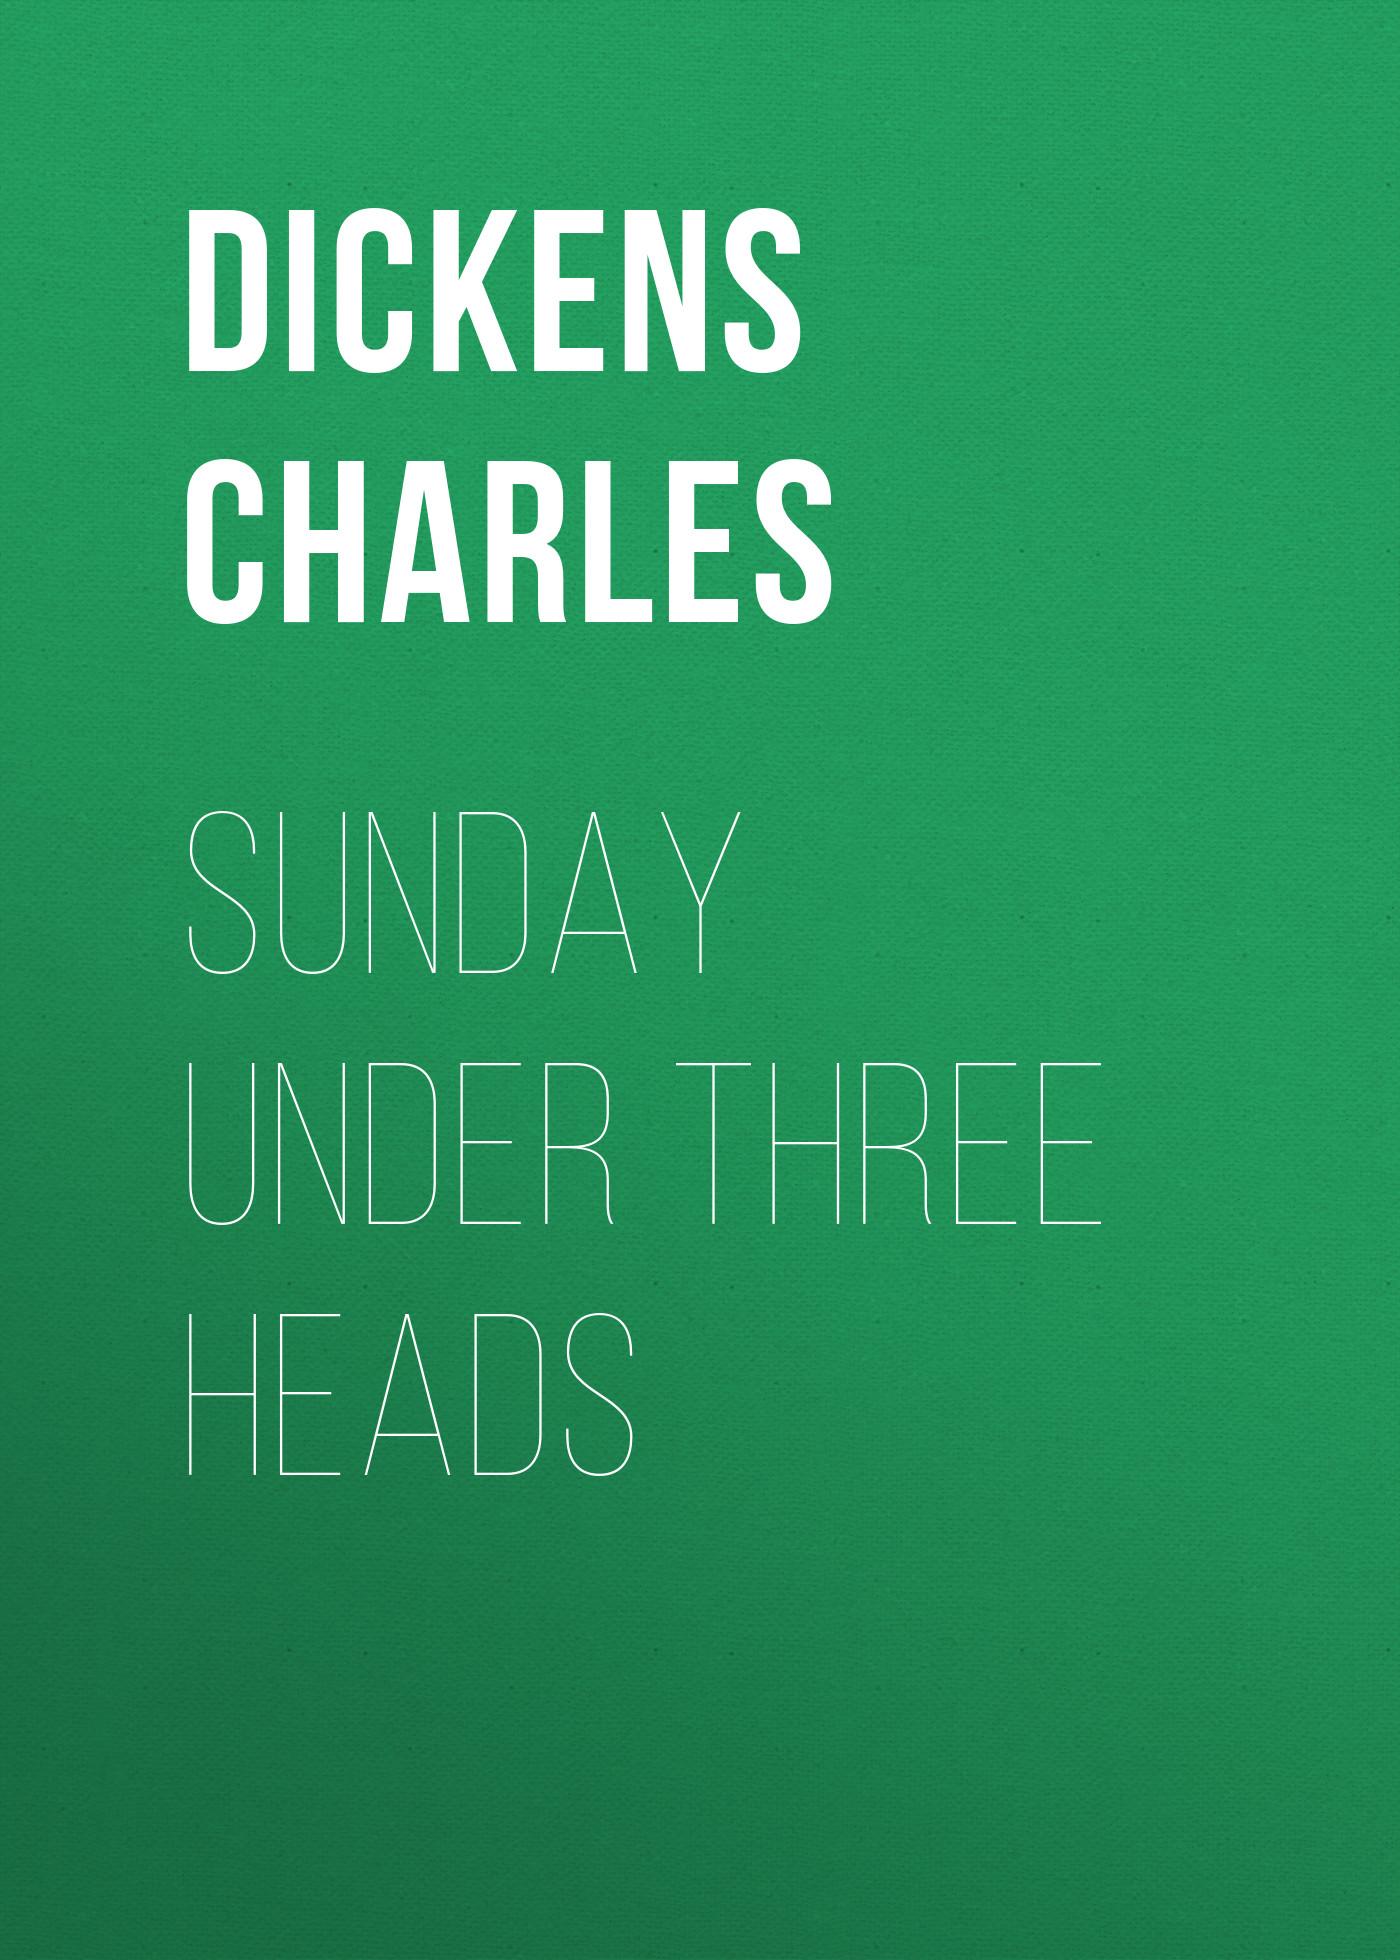 цена на Чарльз Диккенс Sunday Under Three Heads